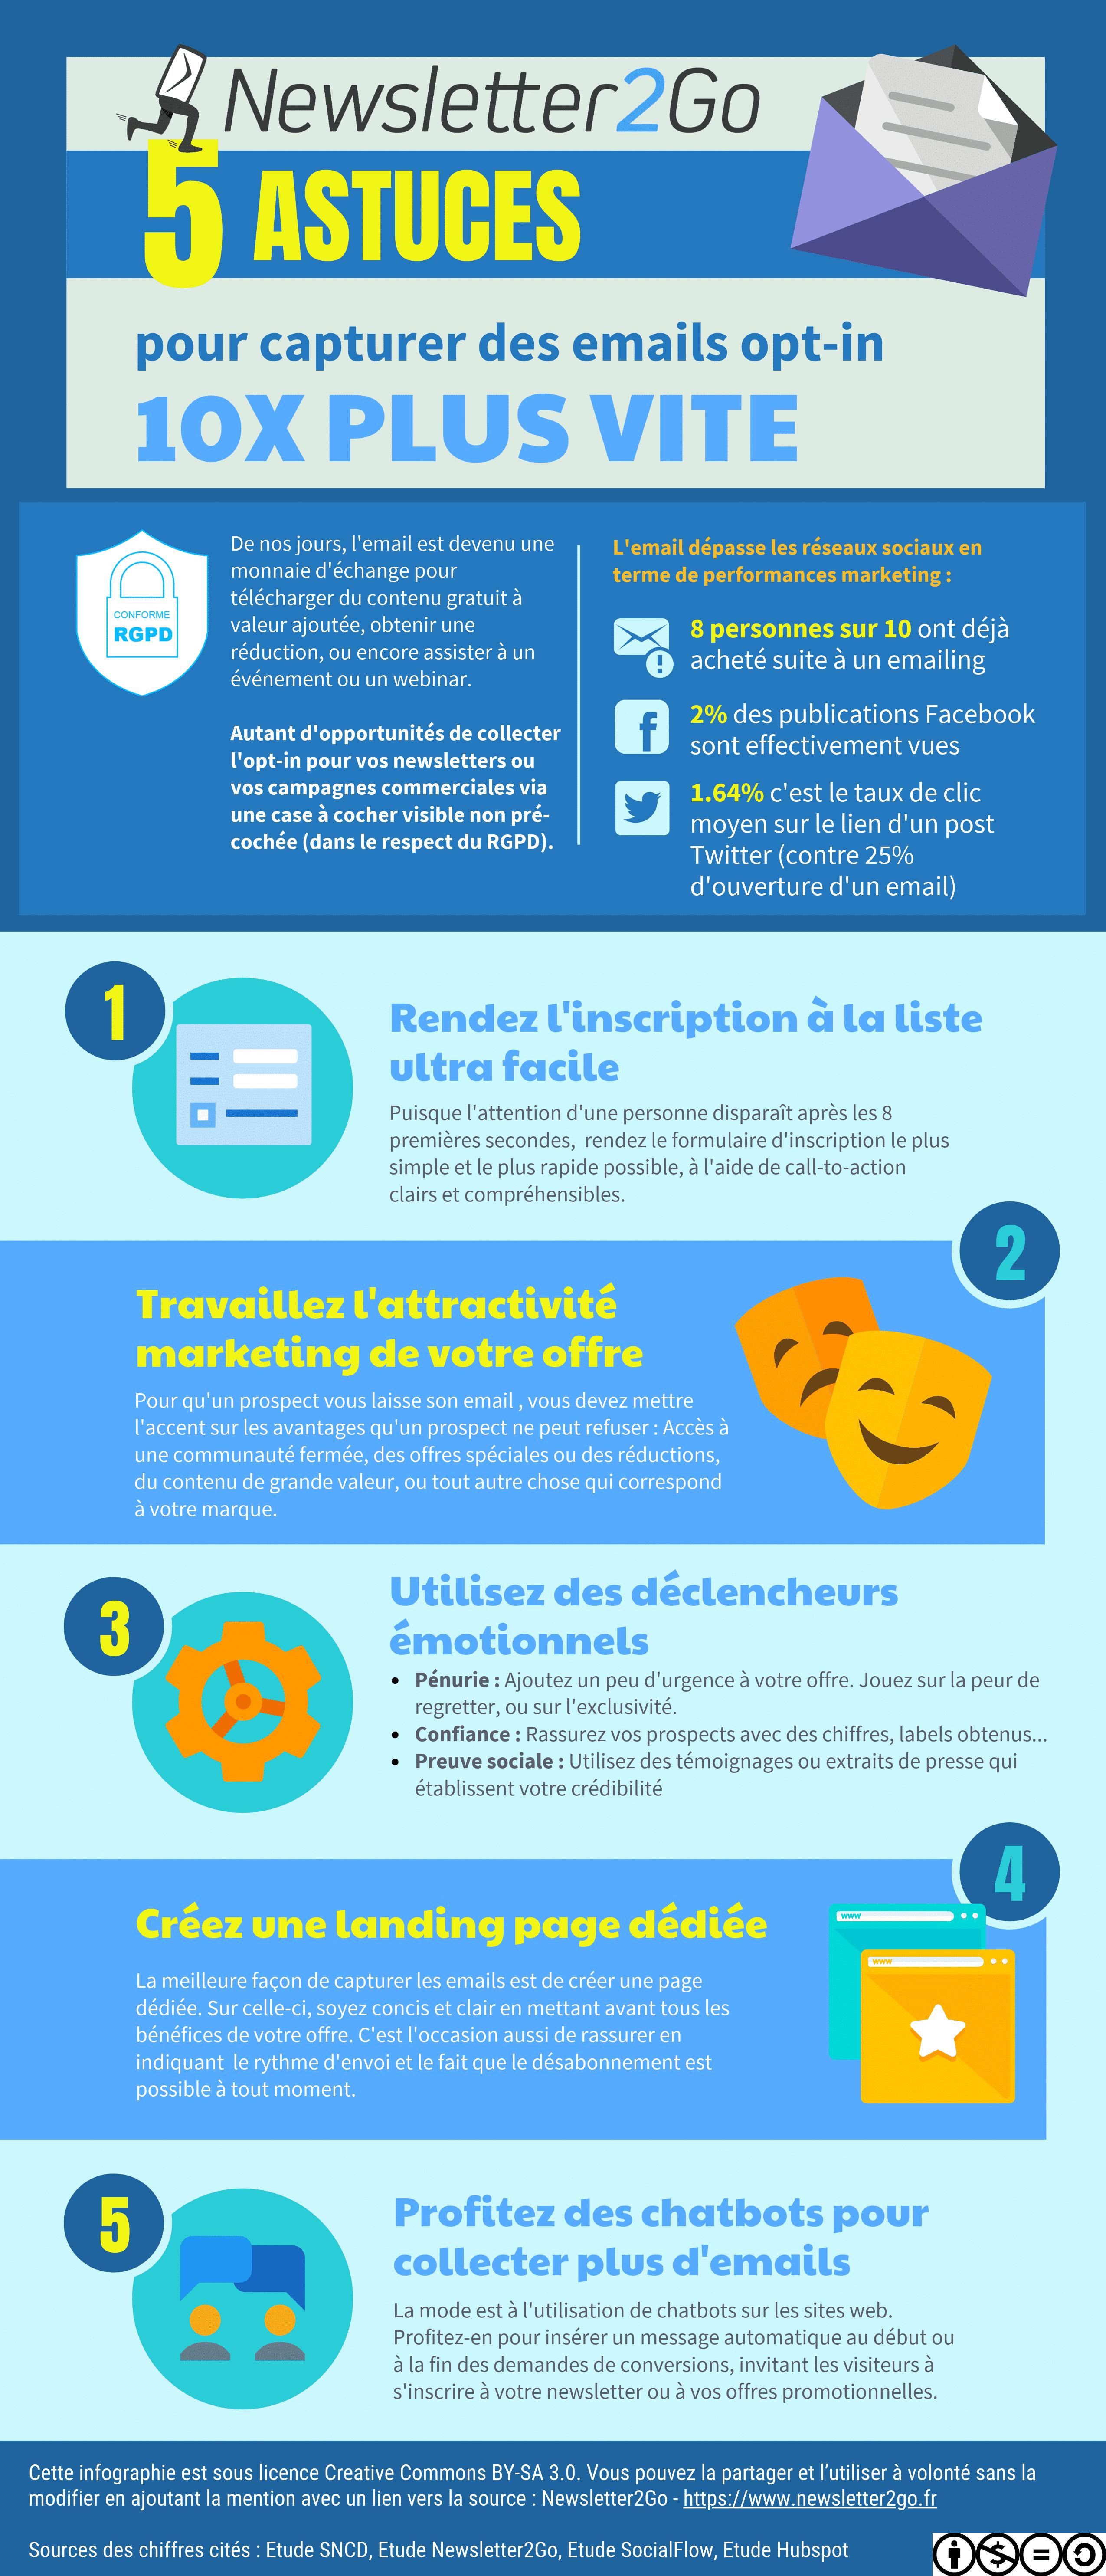 infographie capturer emails optin